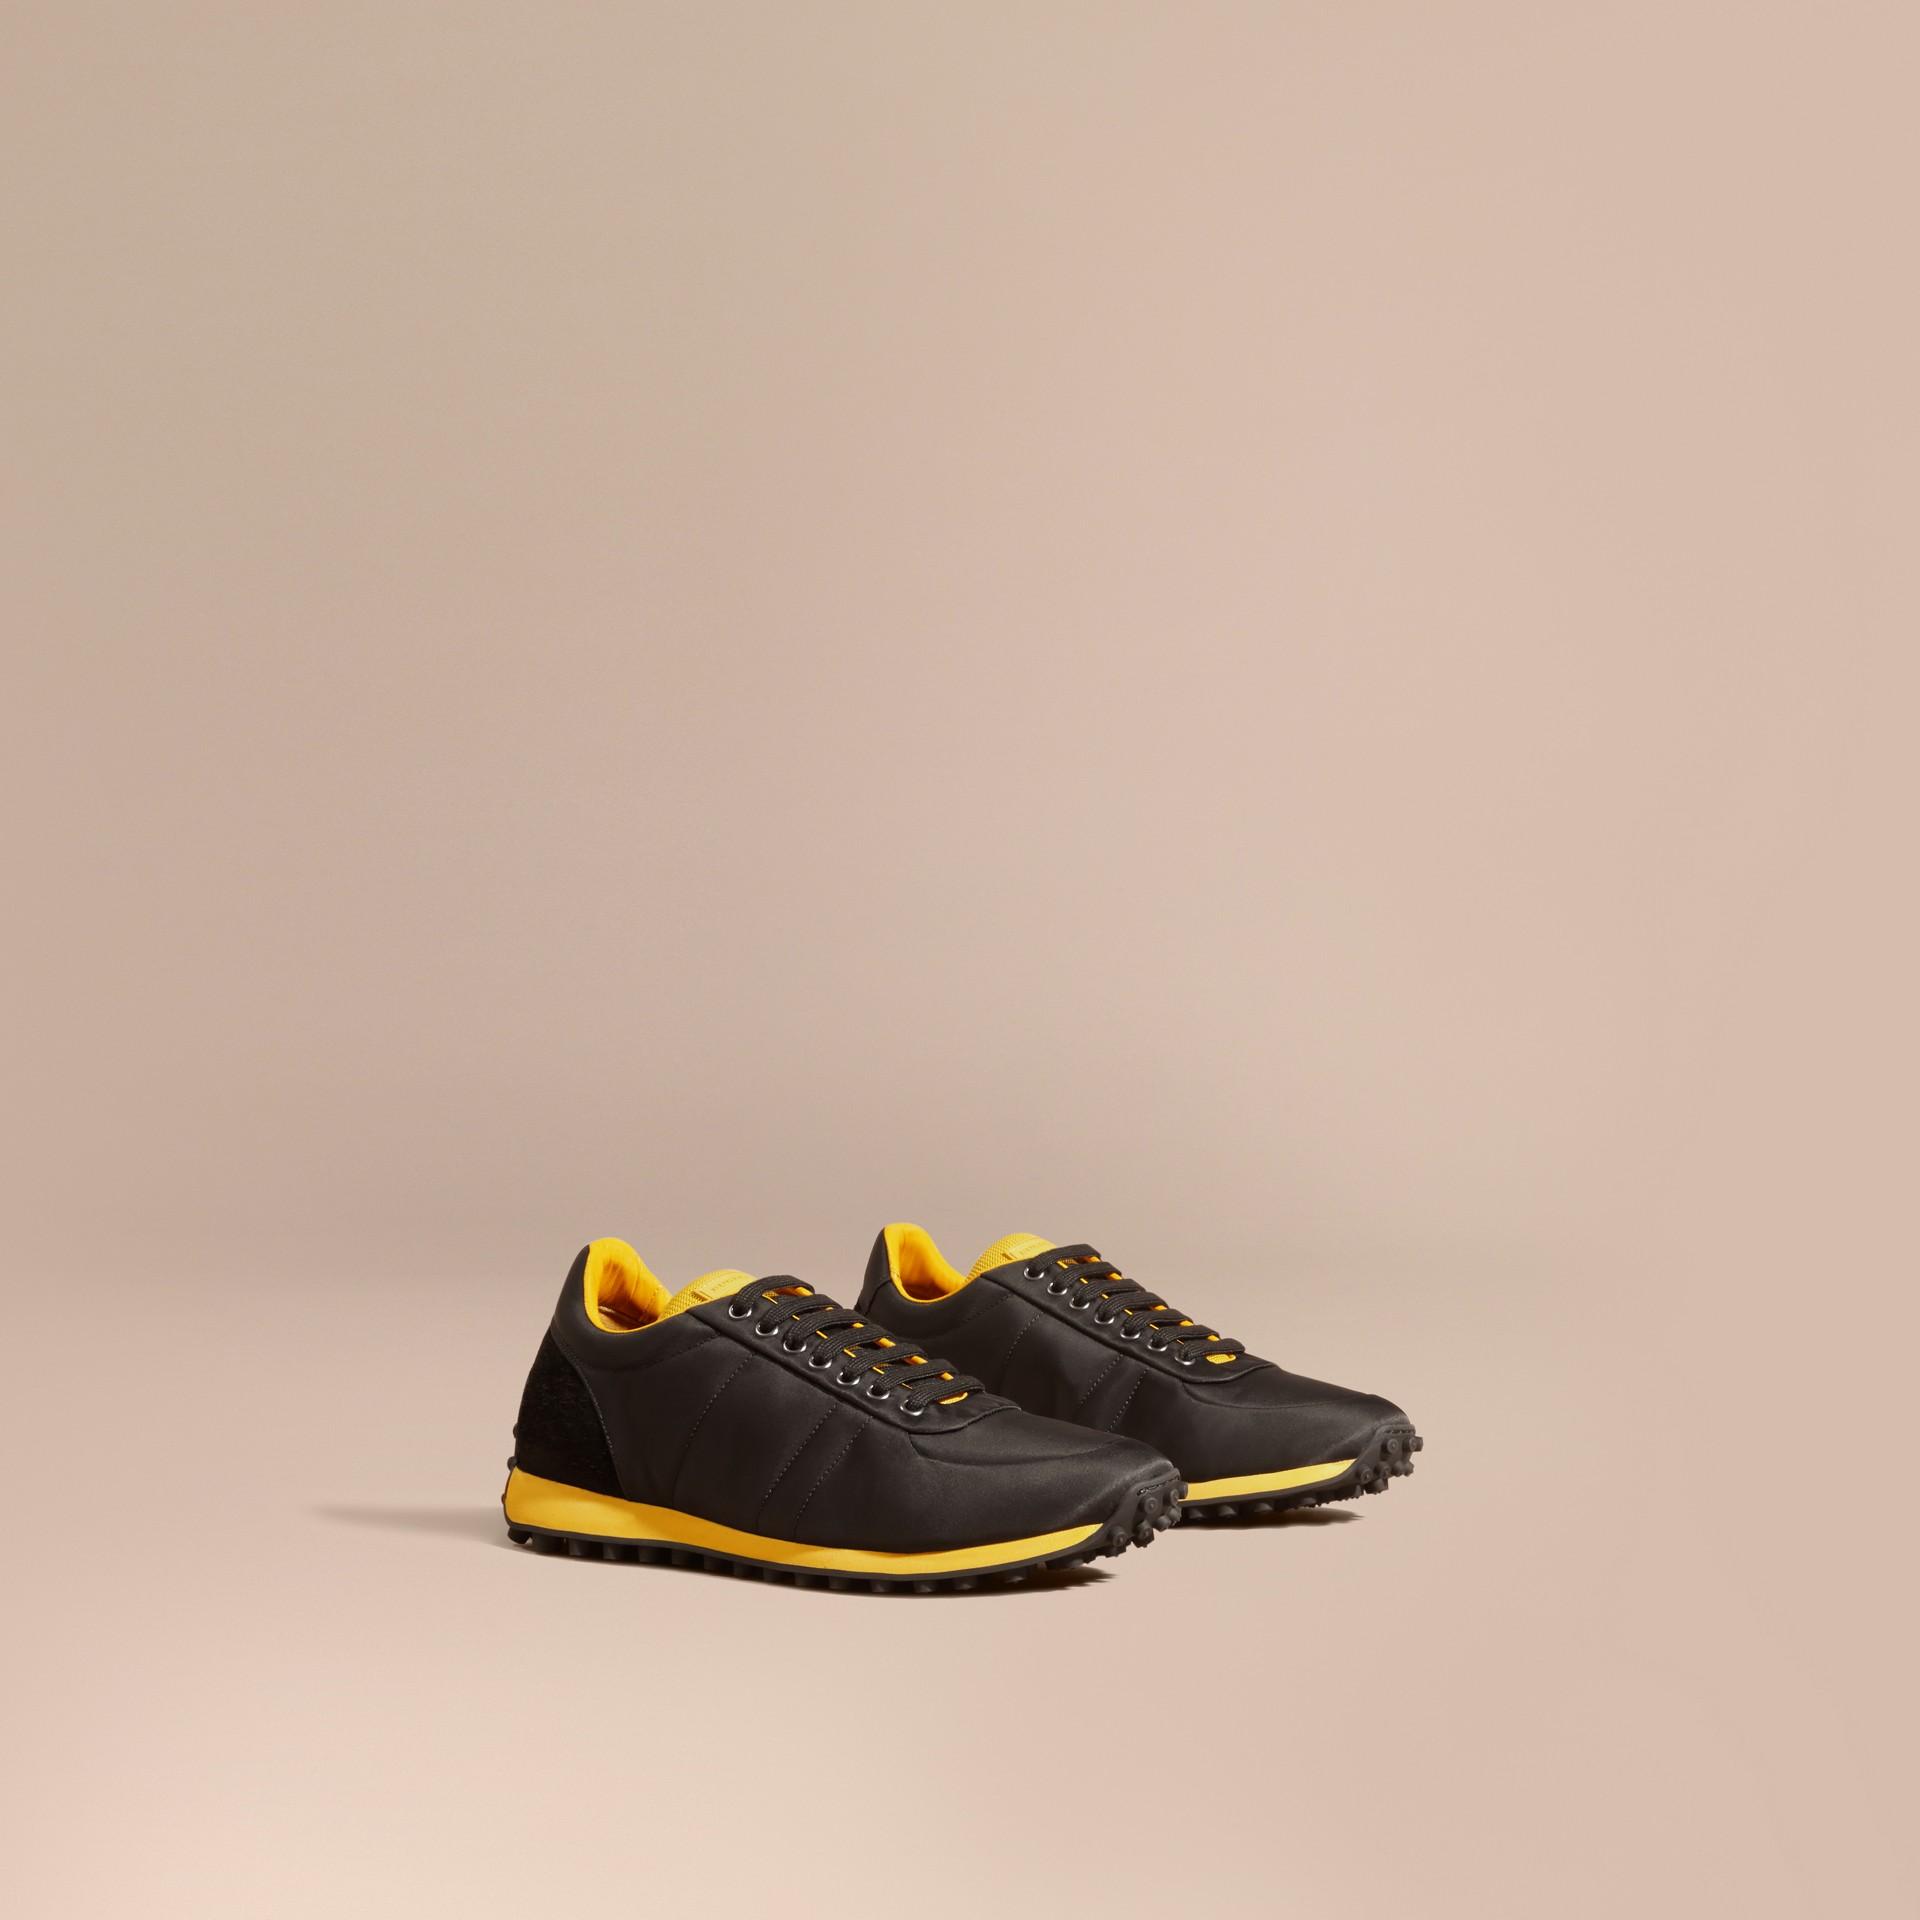 Nero/giallo bruciato Sneaker tecniche con finiture effetto texture Nero/giallo Bruciato - immagine della galleria 1